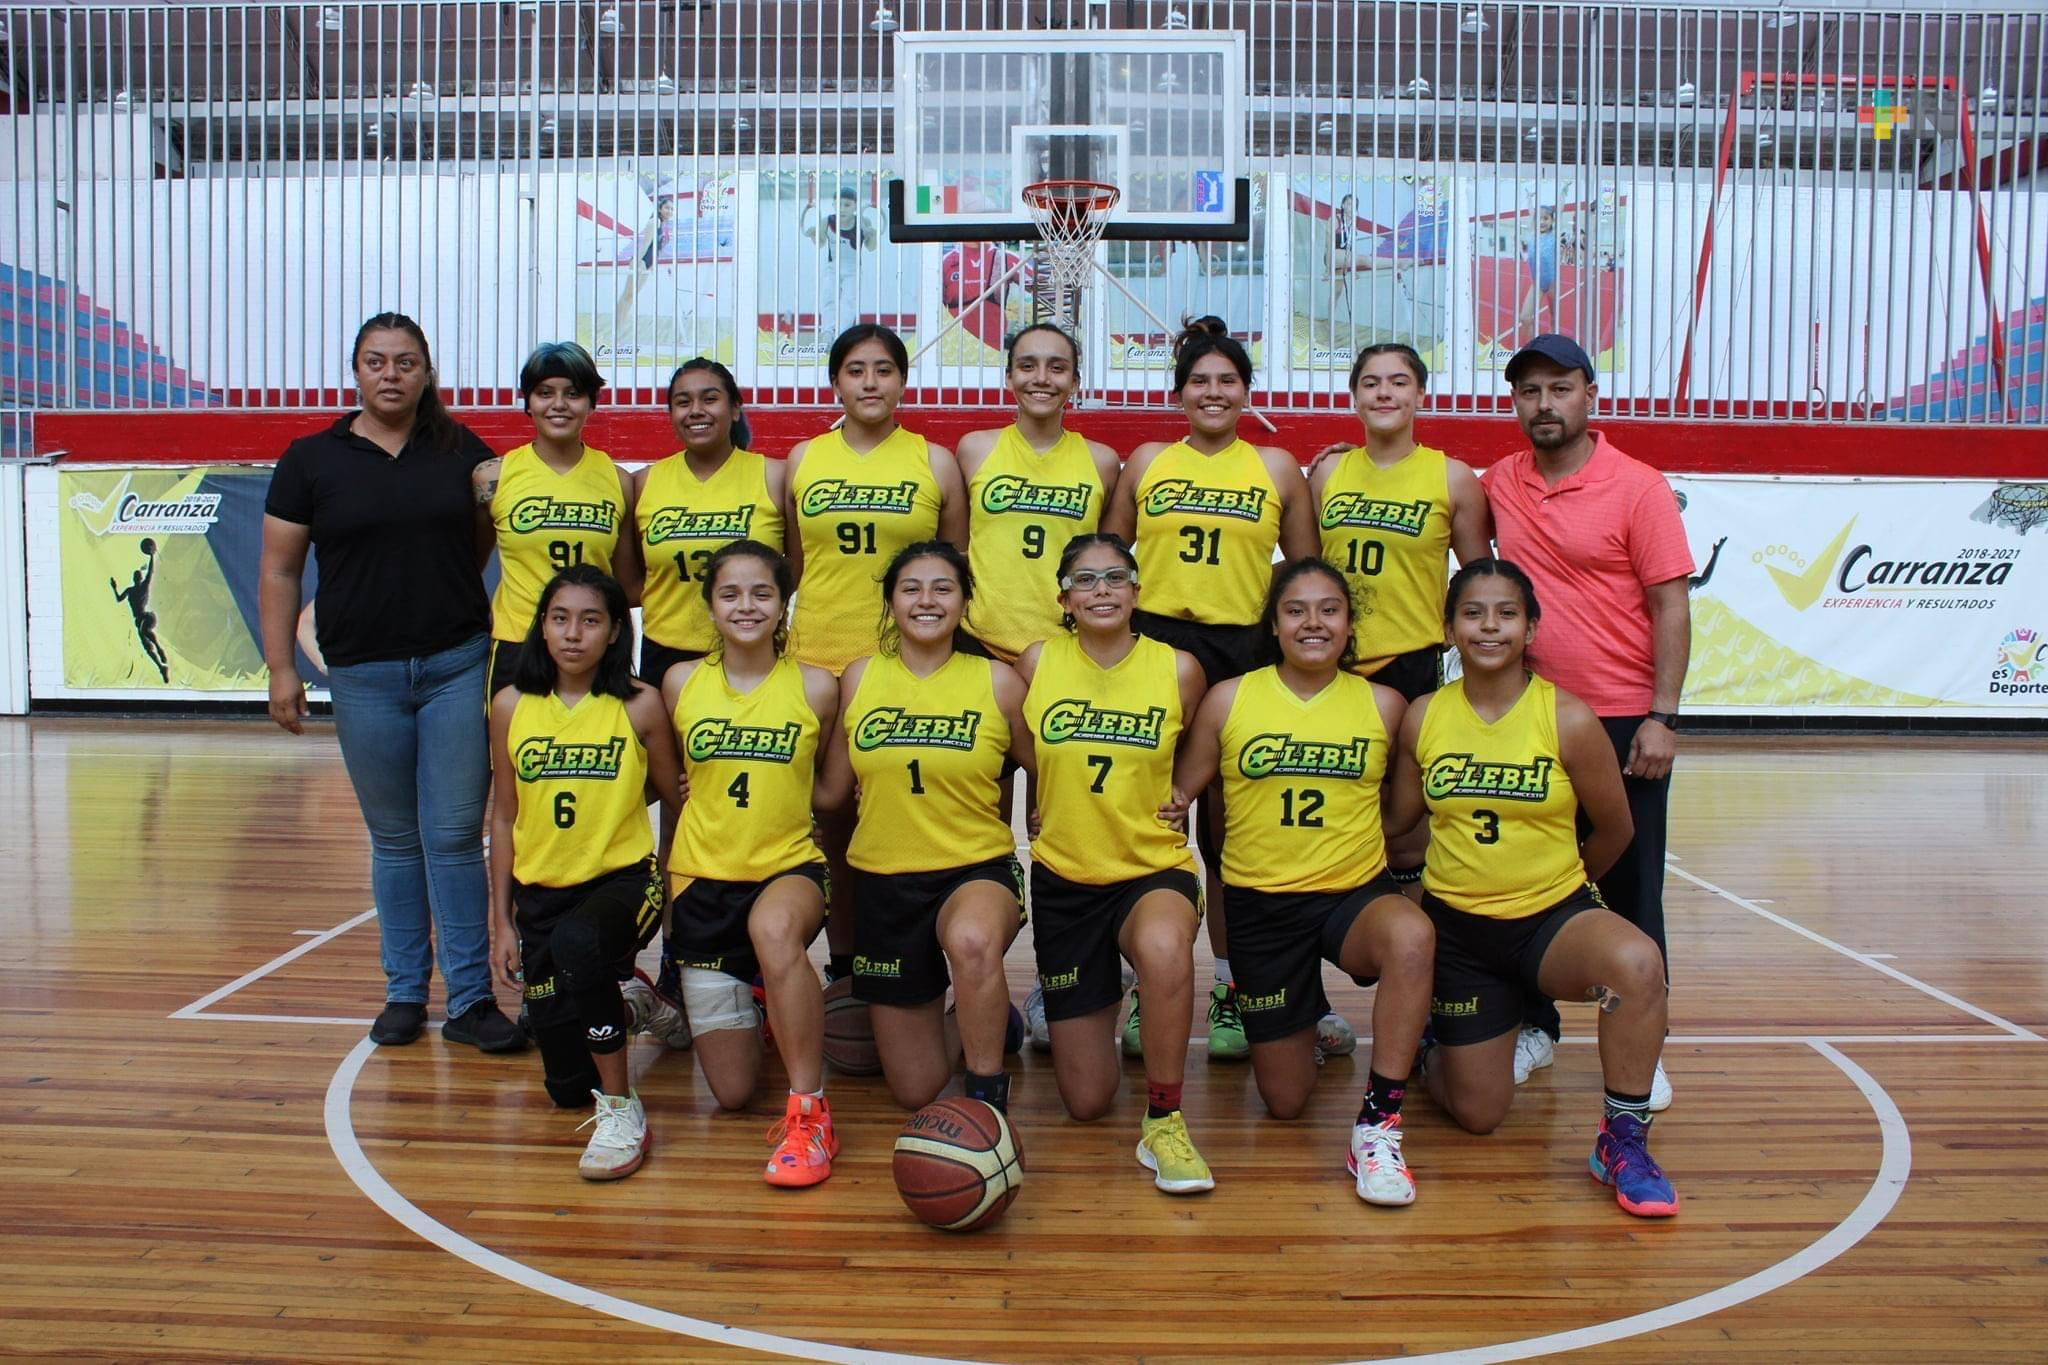 Veracruz conquista título nacional femenil de basquetbol U-16